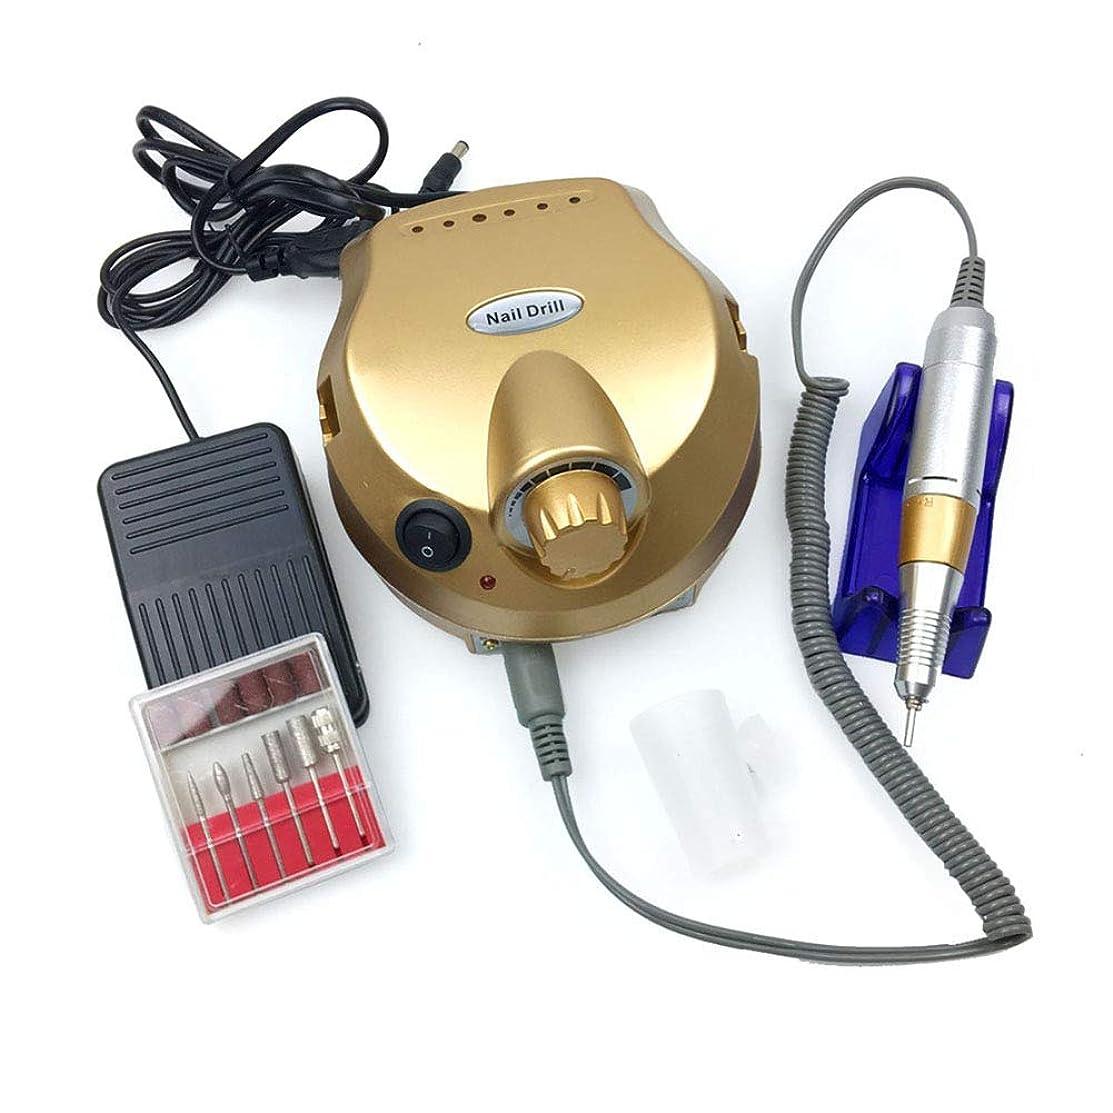 名目上の悪夢処分したネイル電動グラインダー30000 rpmネイルリムーバー202(5色),Gold